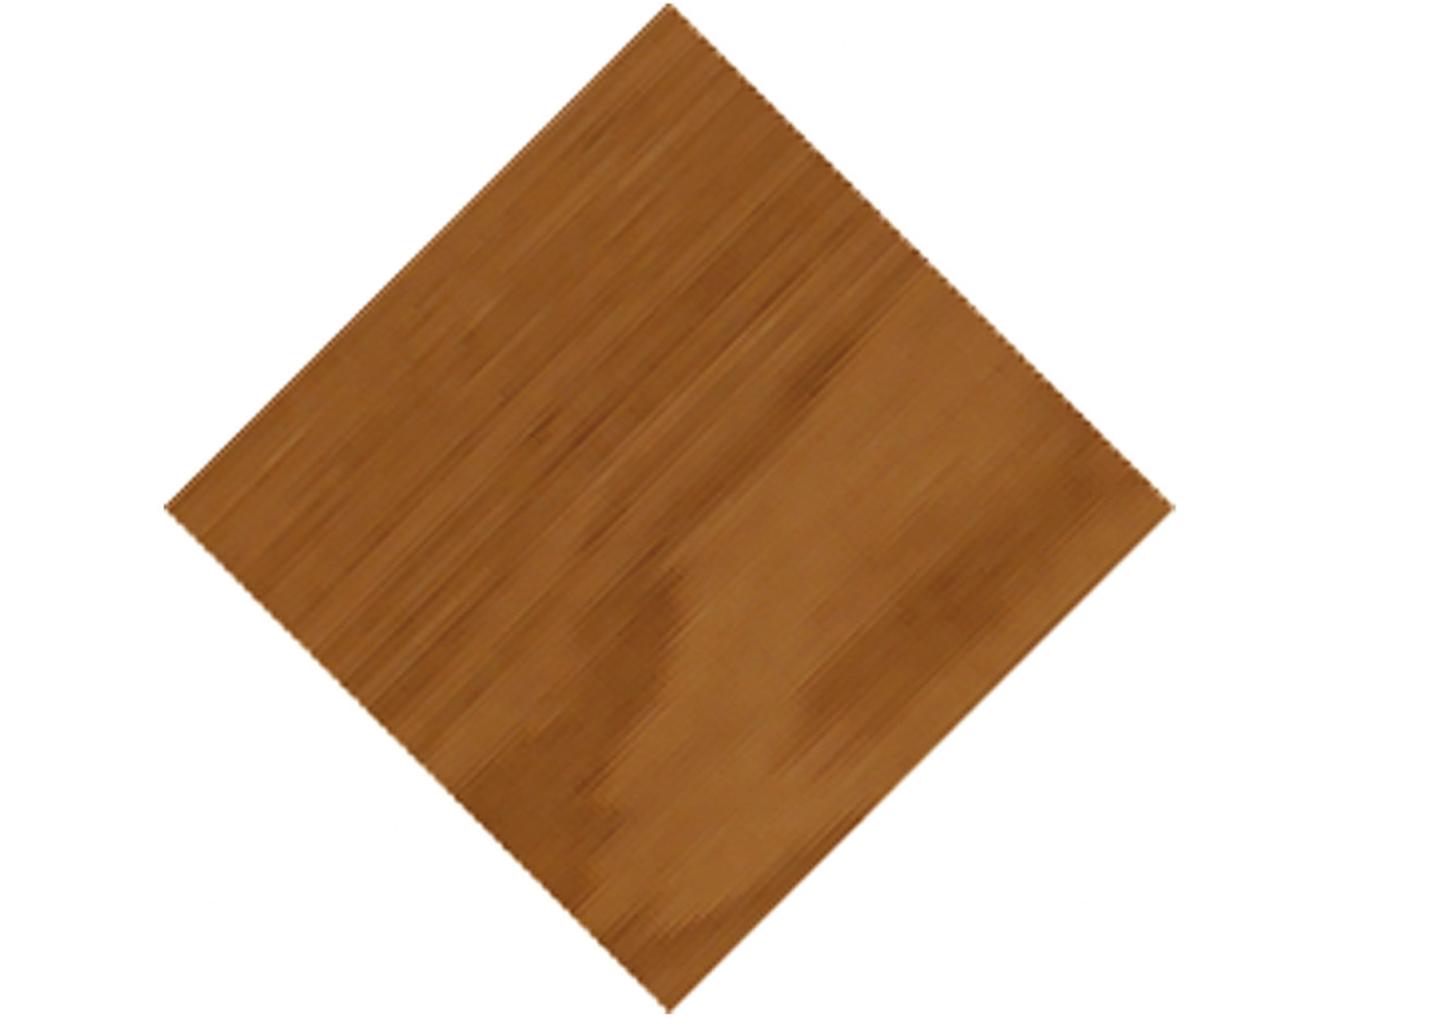 gro er beistelltisch in verschiedenen farben eiche rustikal m bel bader. Black Bedroom Furniture Sets. Home Design Ideas